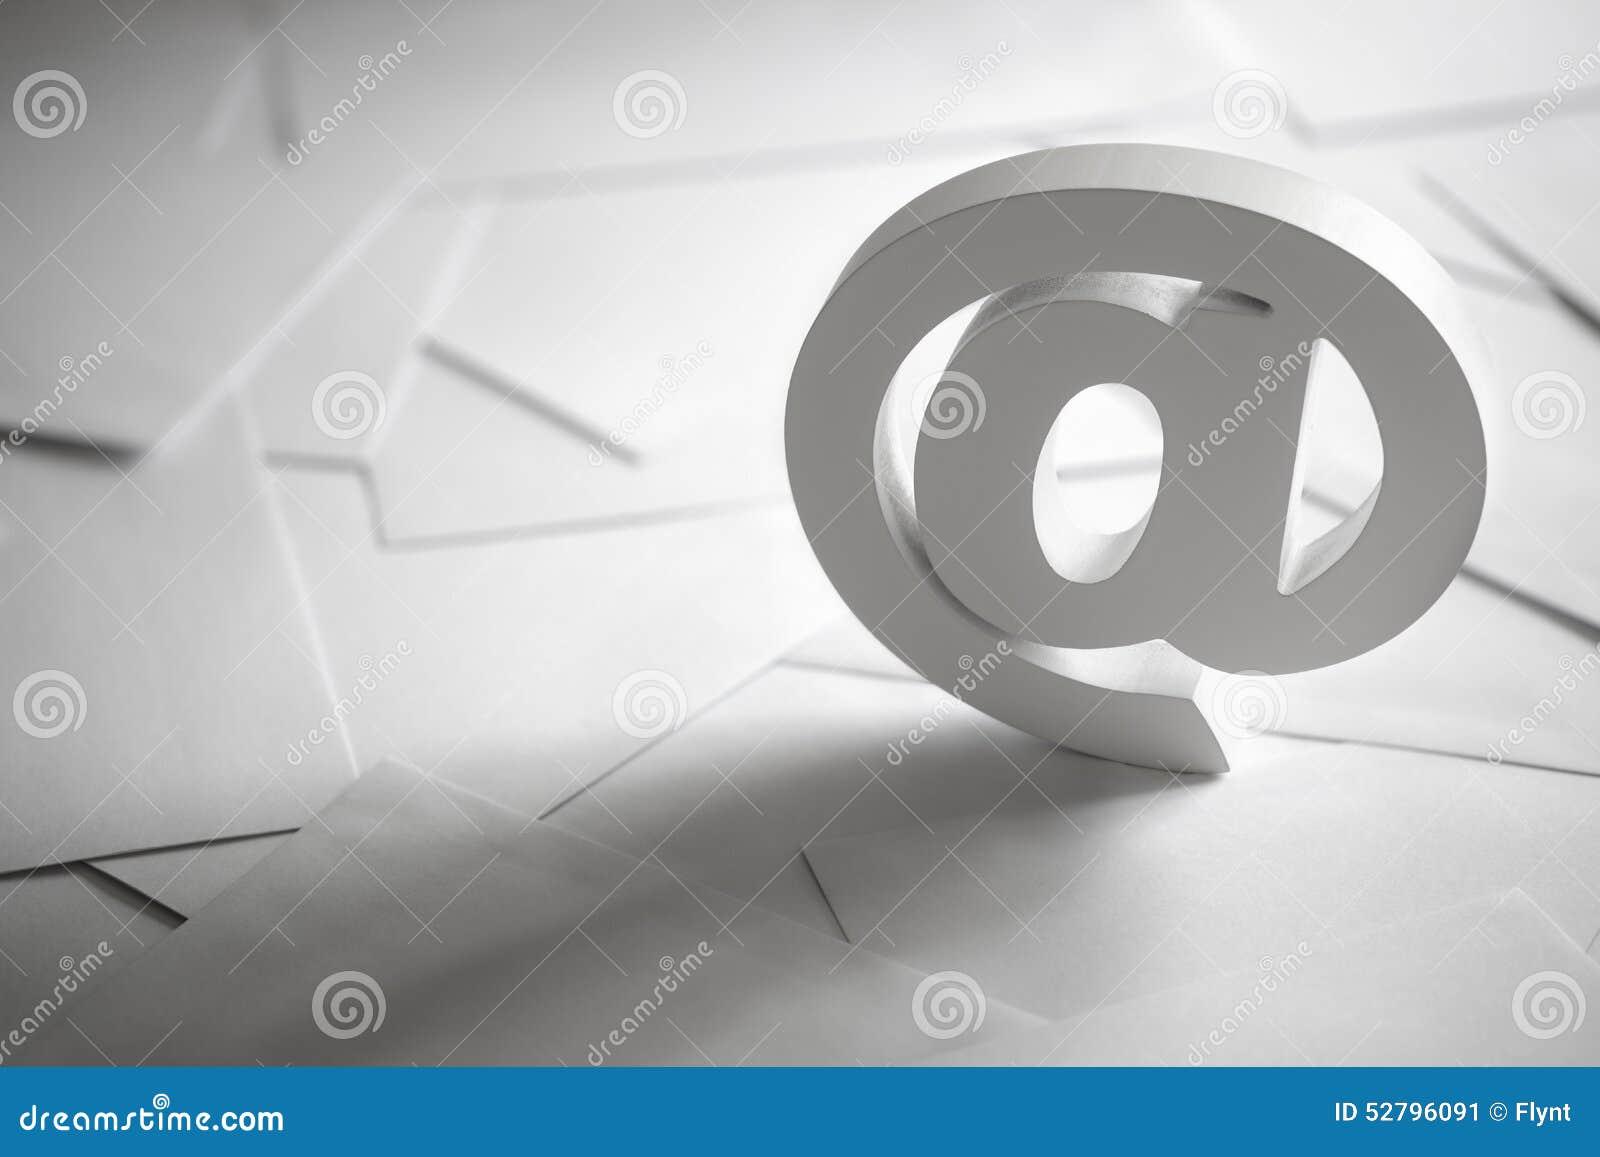 Simbolo del email